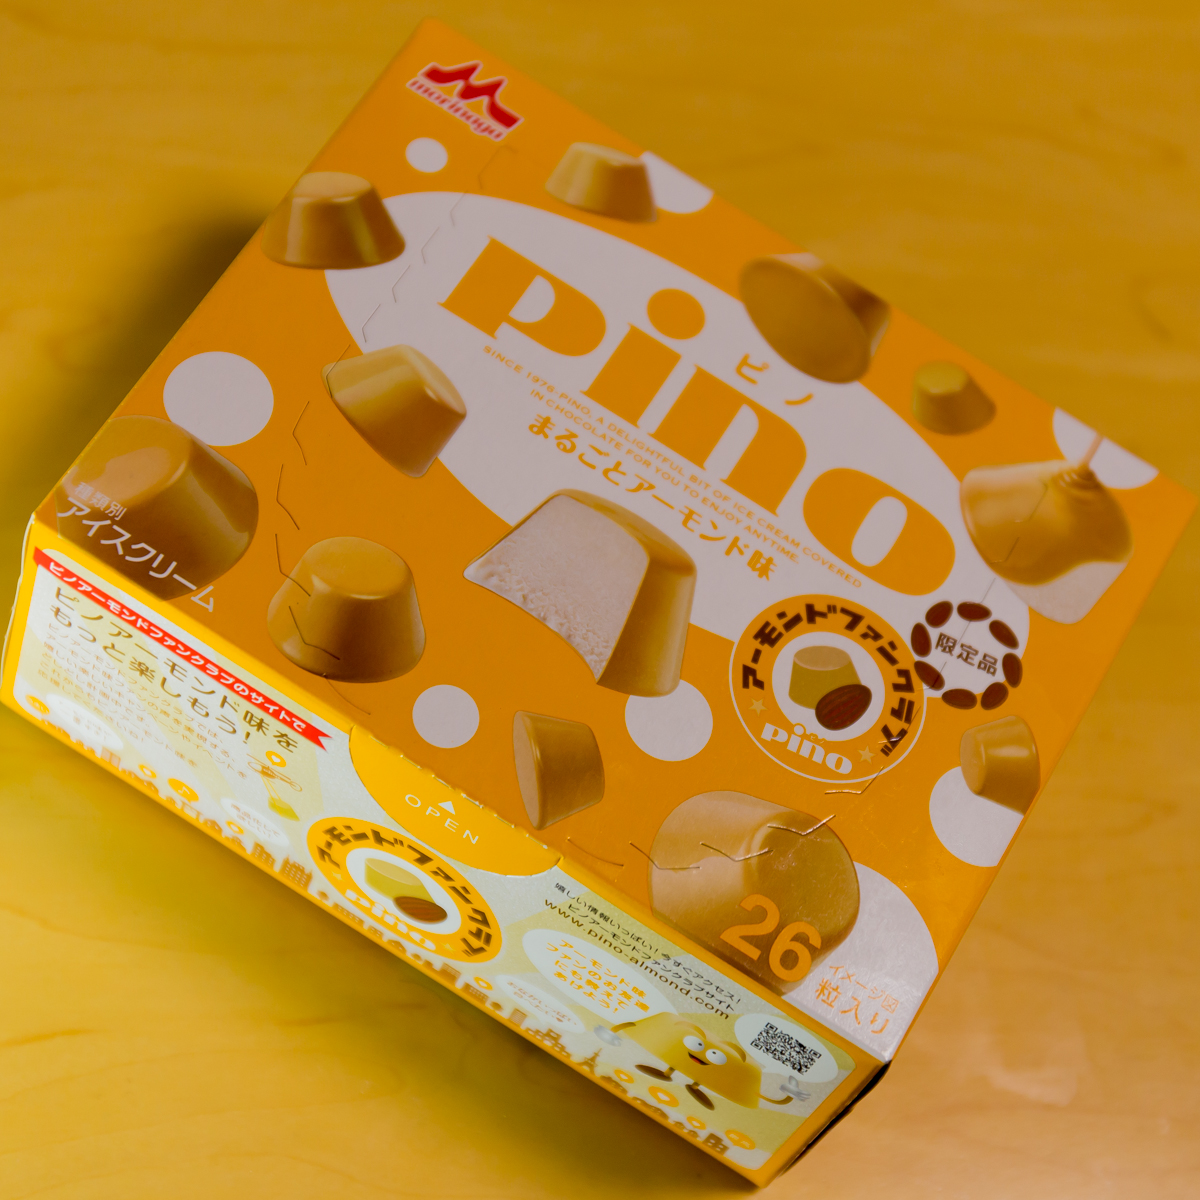 「pino(ピノ) まるごとアーモンド味」(メインイメージ)